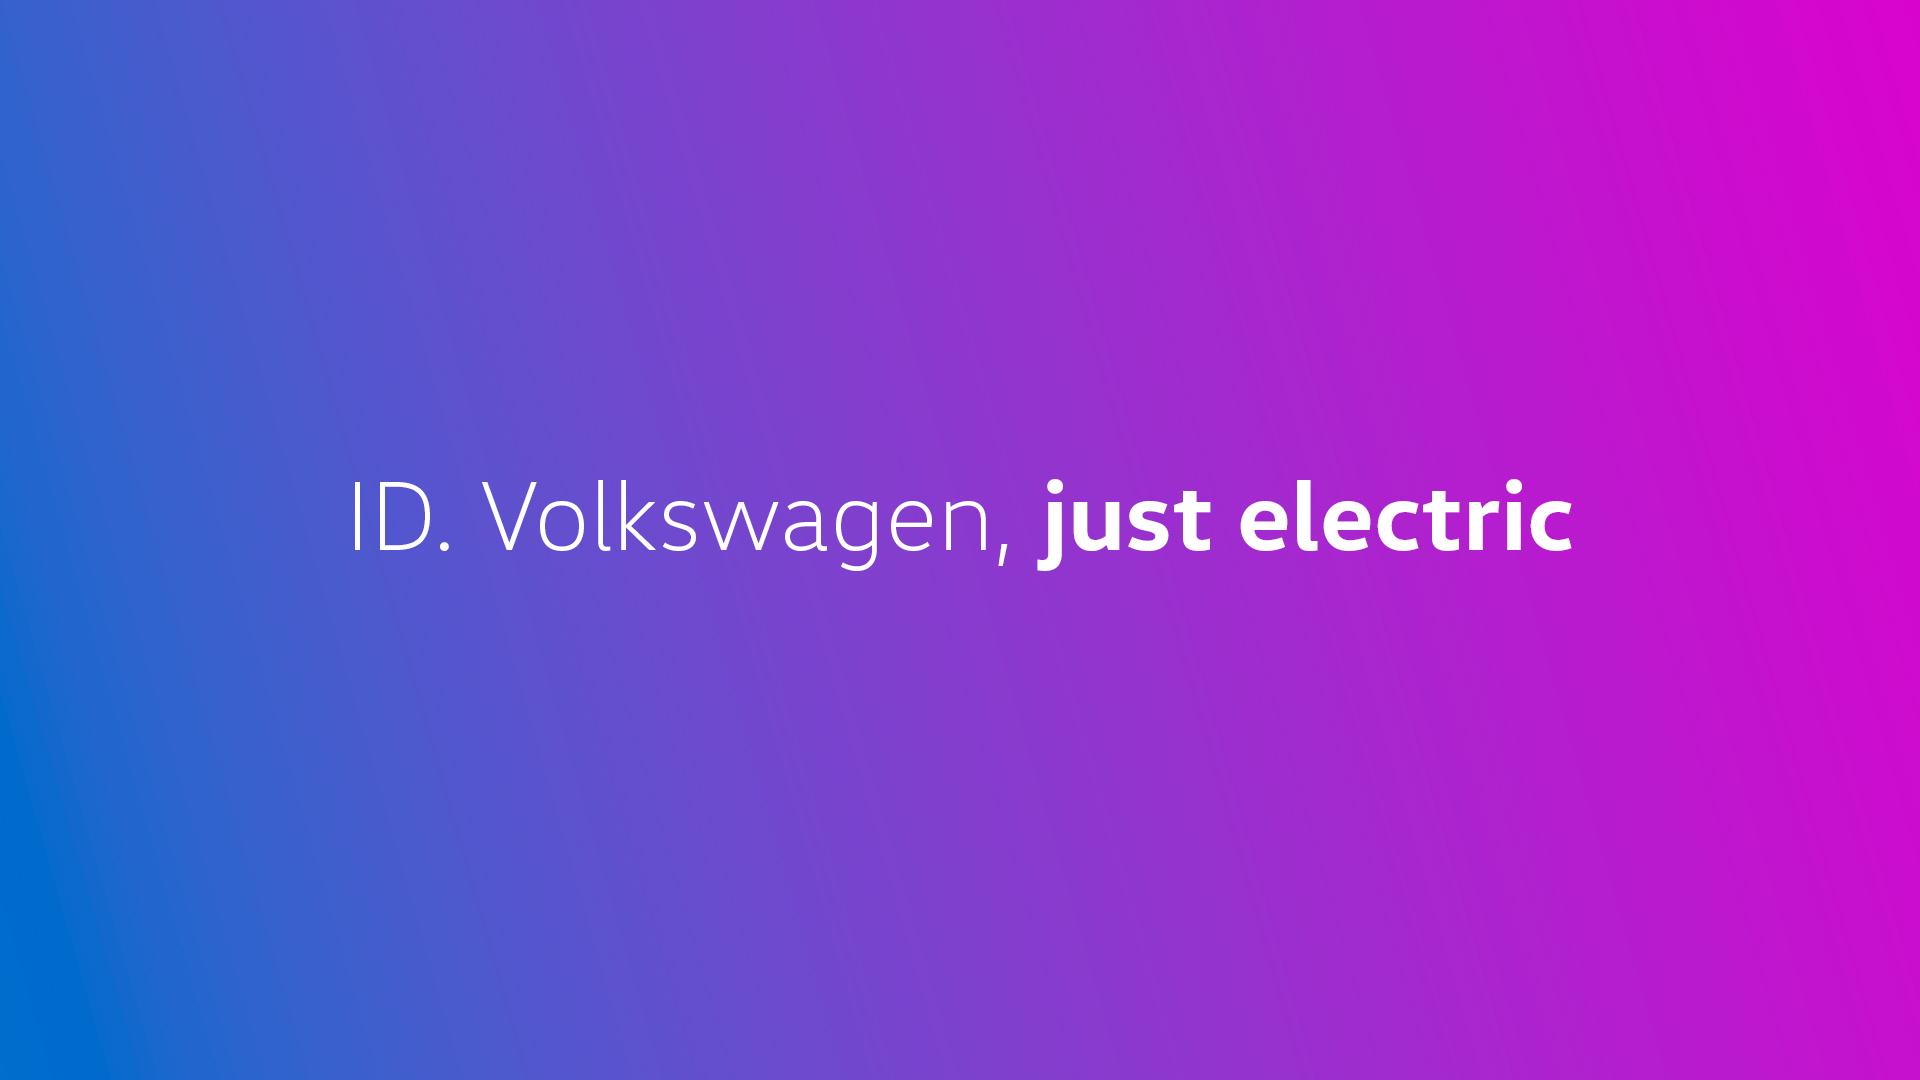 Volkswagen_ID_Sketch_04_02